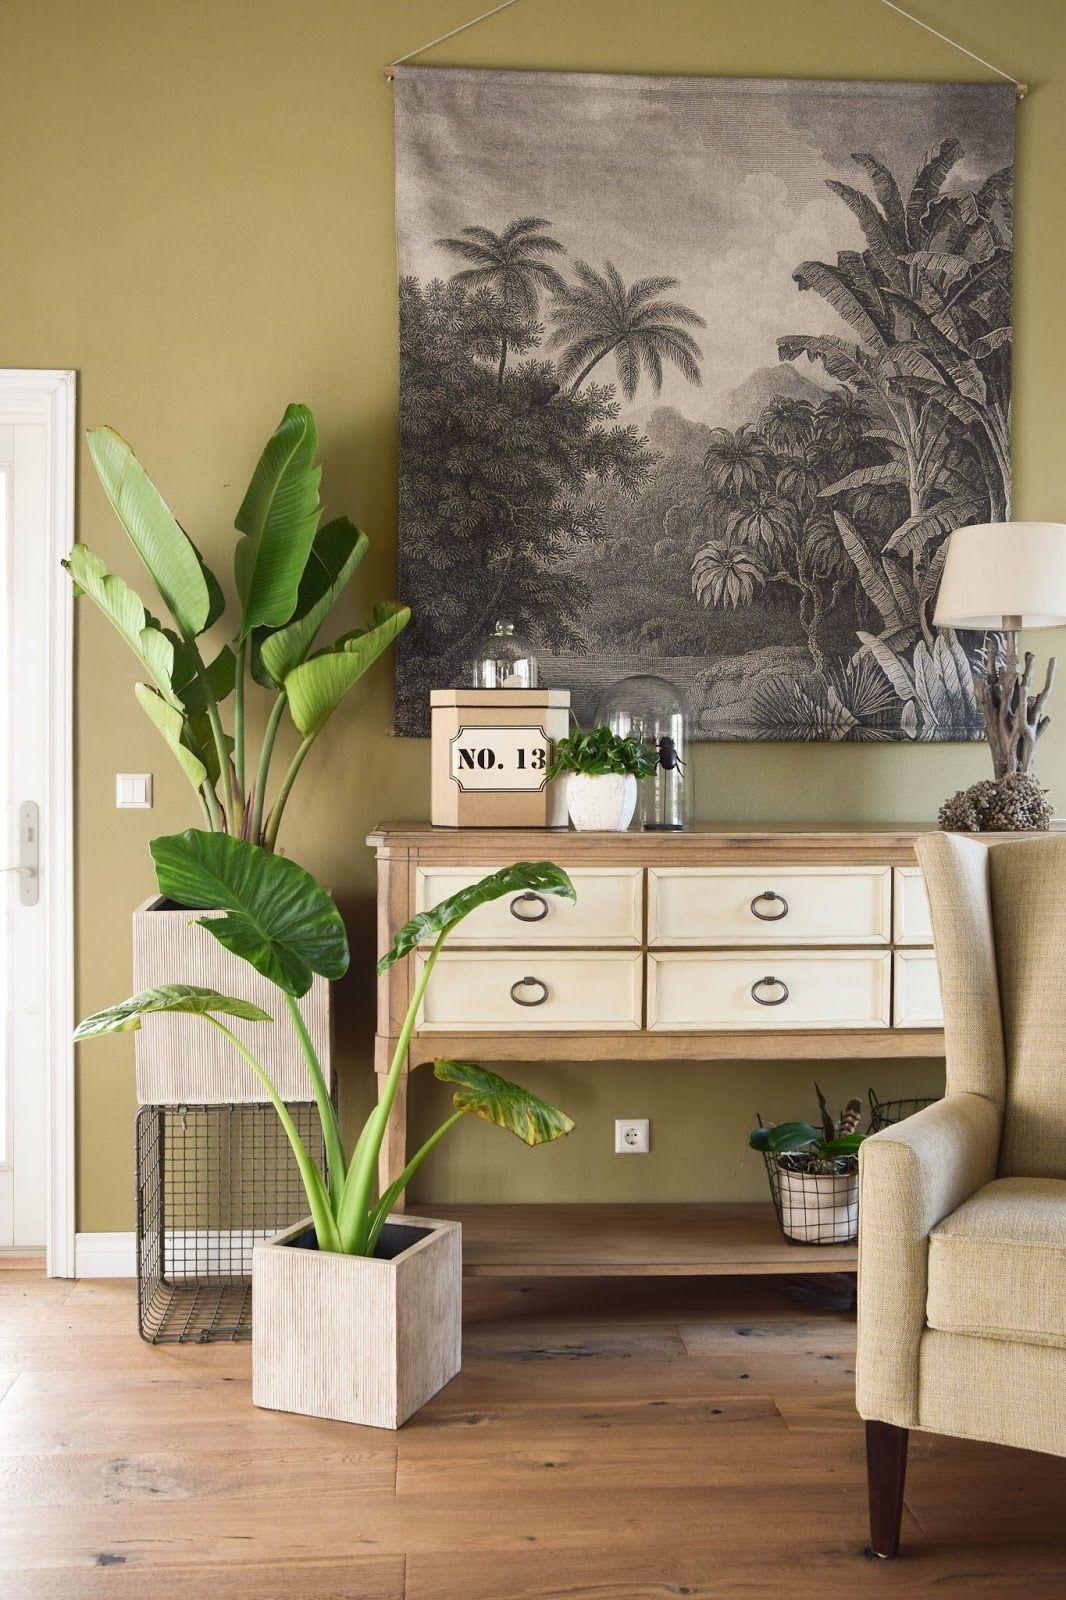 Mein neues Wohnzimmer: gemütlich, grün und mit einer Prise Abenteuer ...